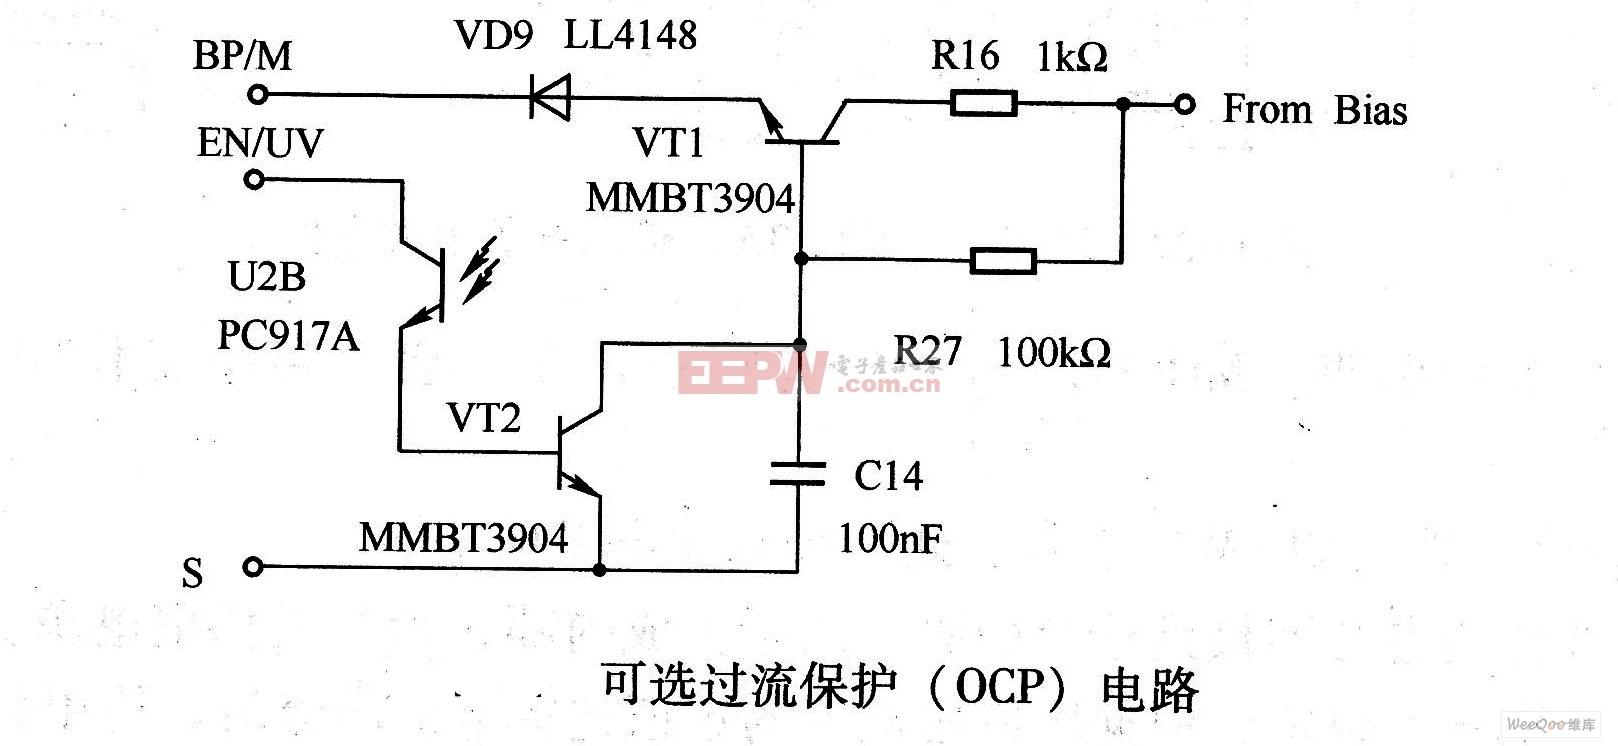 可选过流保护(OCP)电路